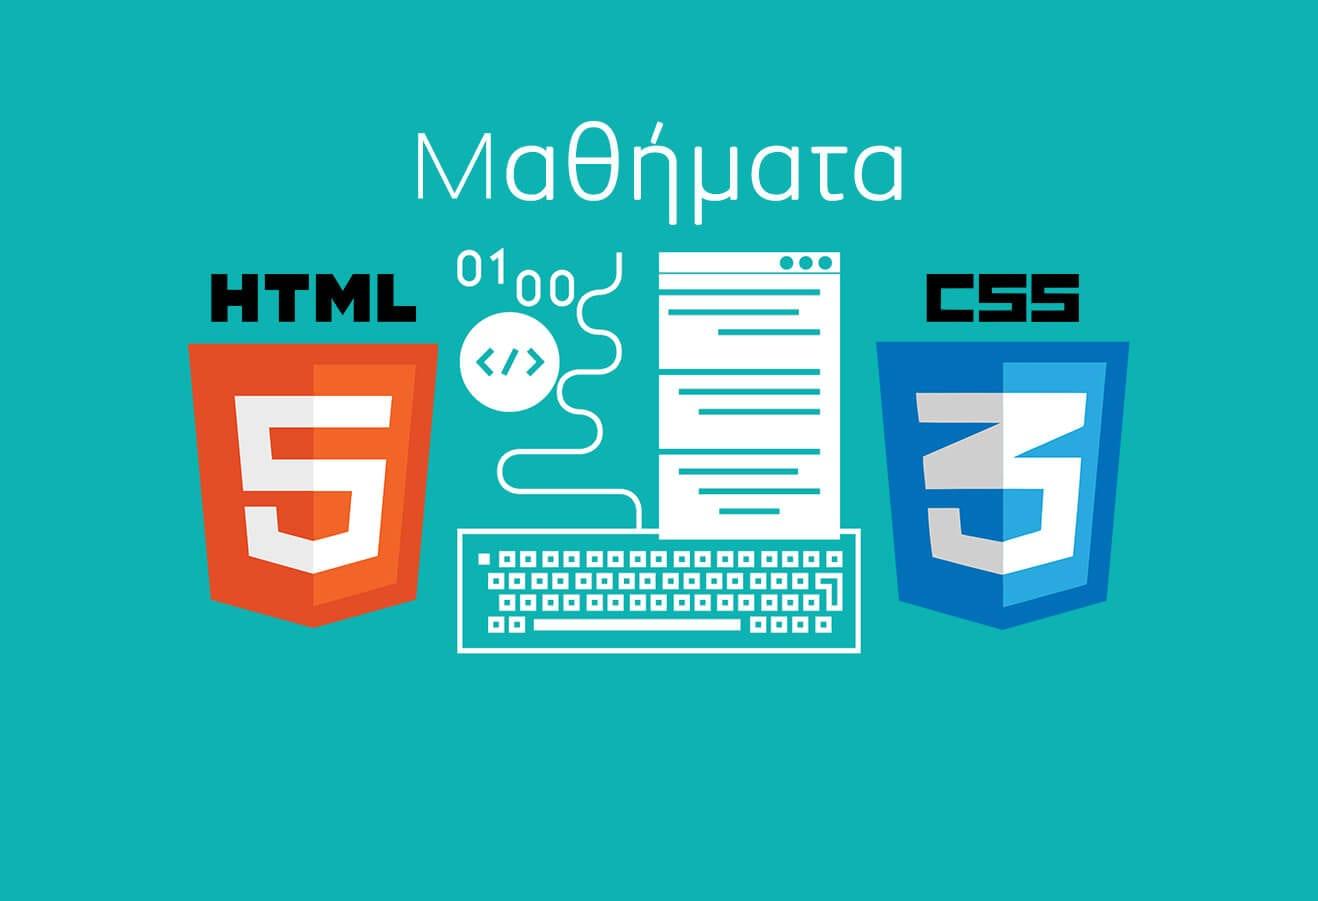 μαθήματα html5 - css3